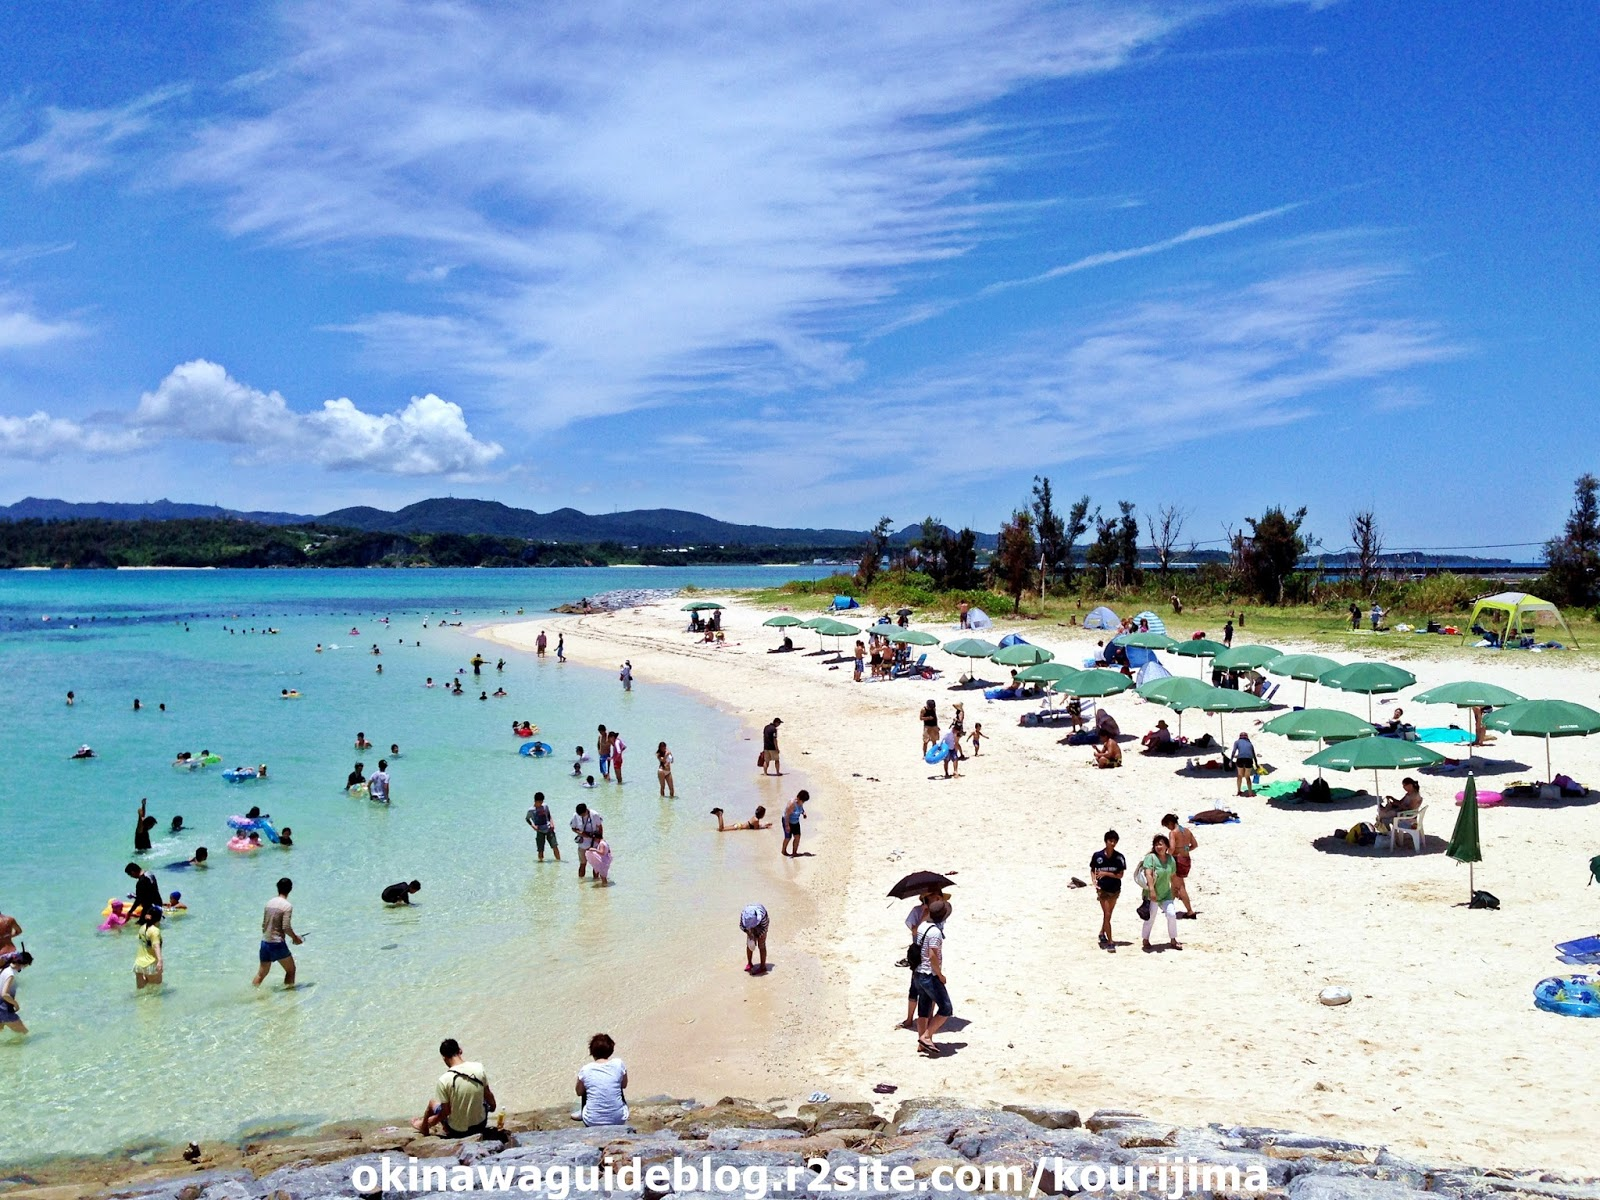 沖繩-海灘-推薦-古宇利海攤-Kouri-Beach-古宇利ビーチ-Okinawa-beach-recommendation